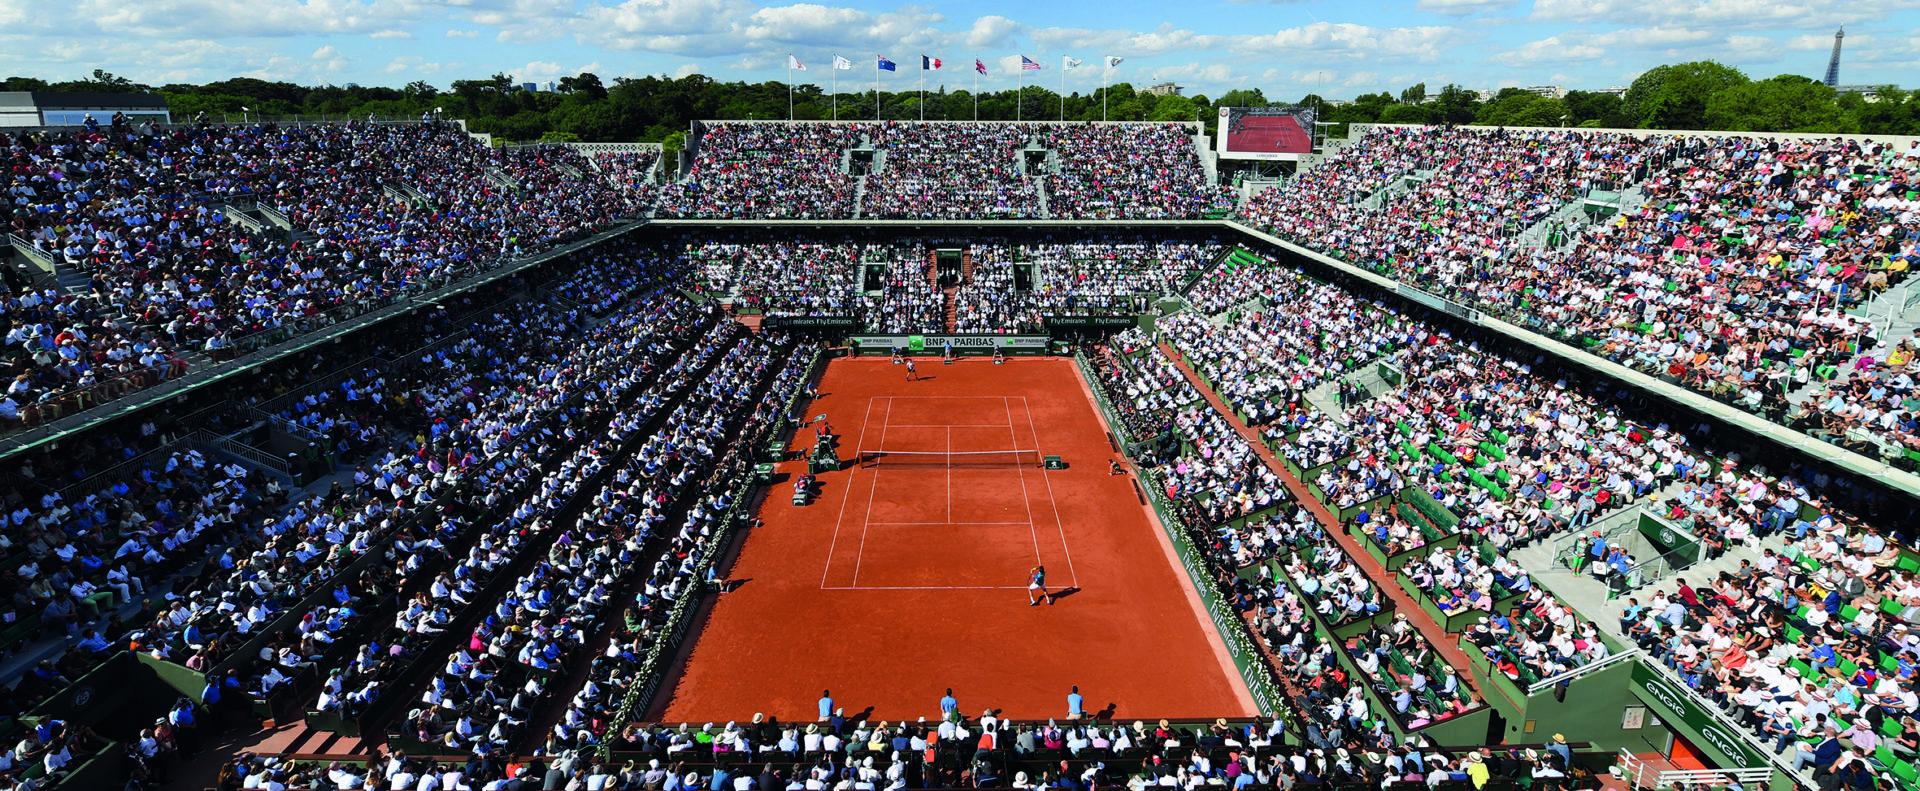 Halbfinale Wimbledon 2021